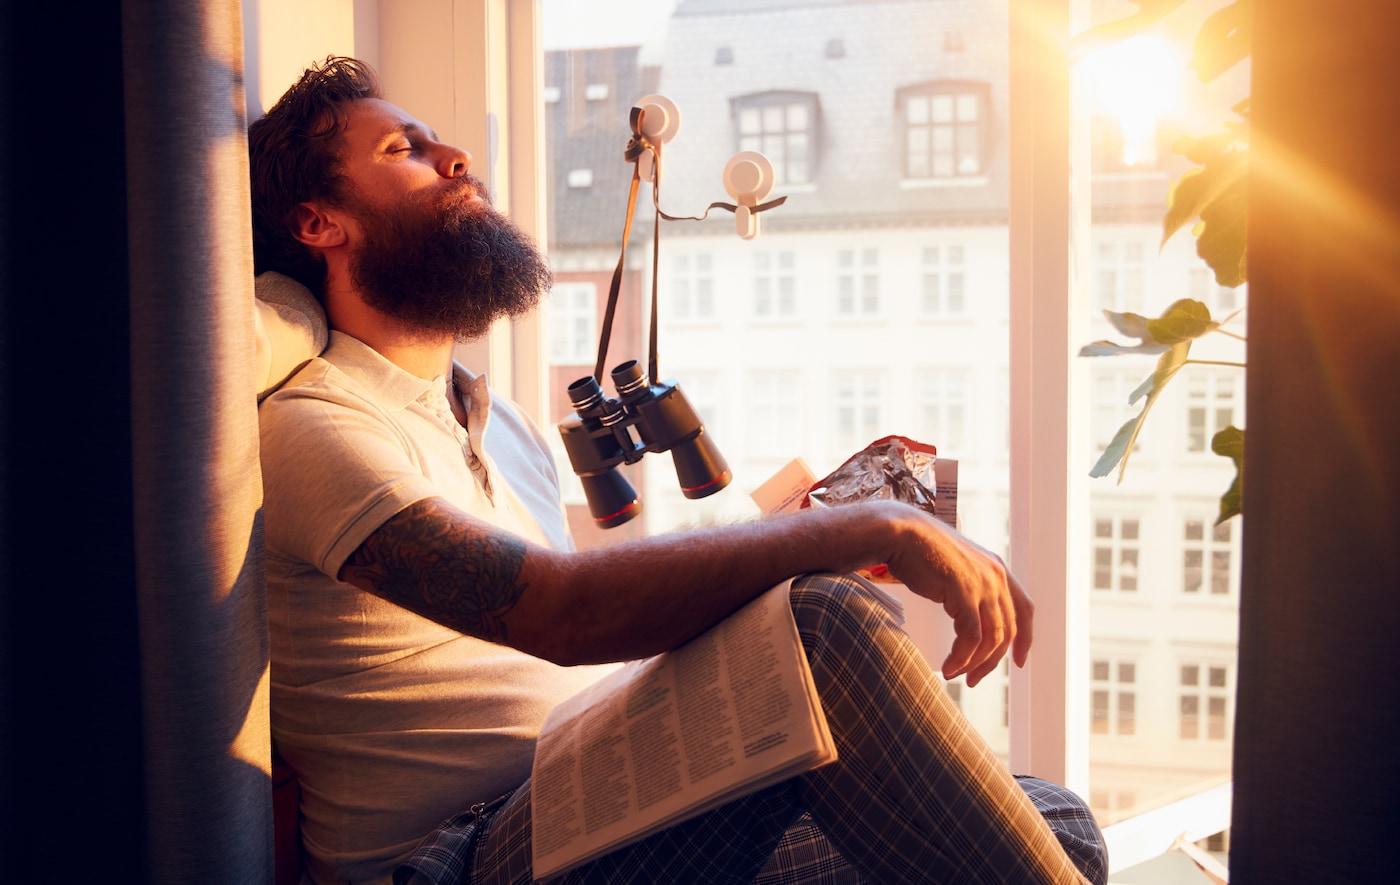 一位男士坐在洒满阳光的深长窗台上,头向后靠着。背景为多层建筑的正立面。